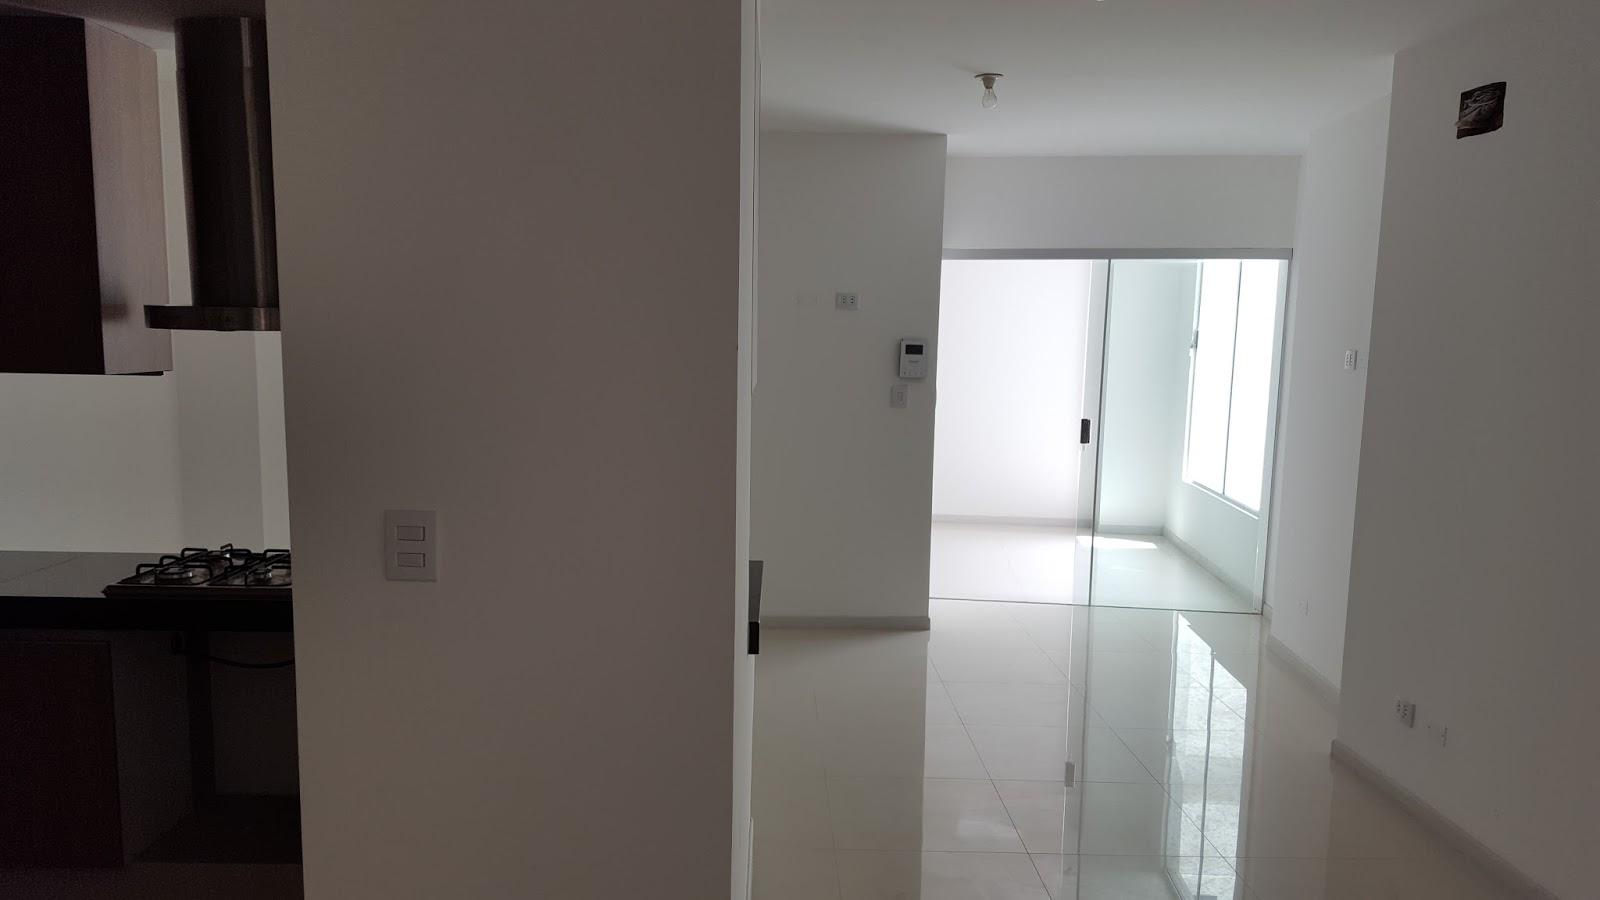 Condominio La Salle 2016